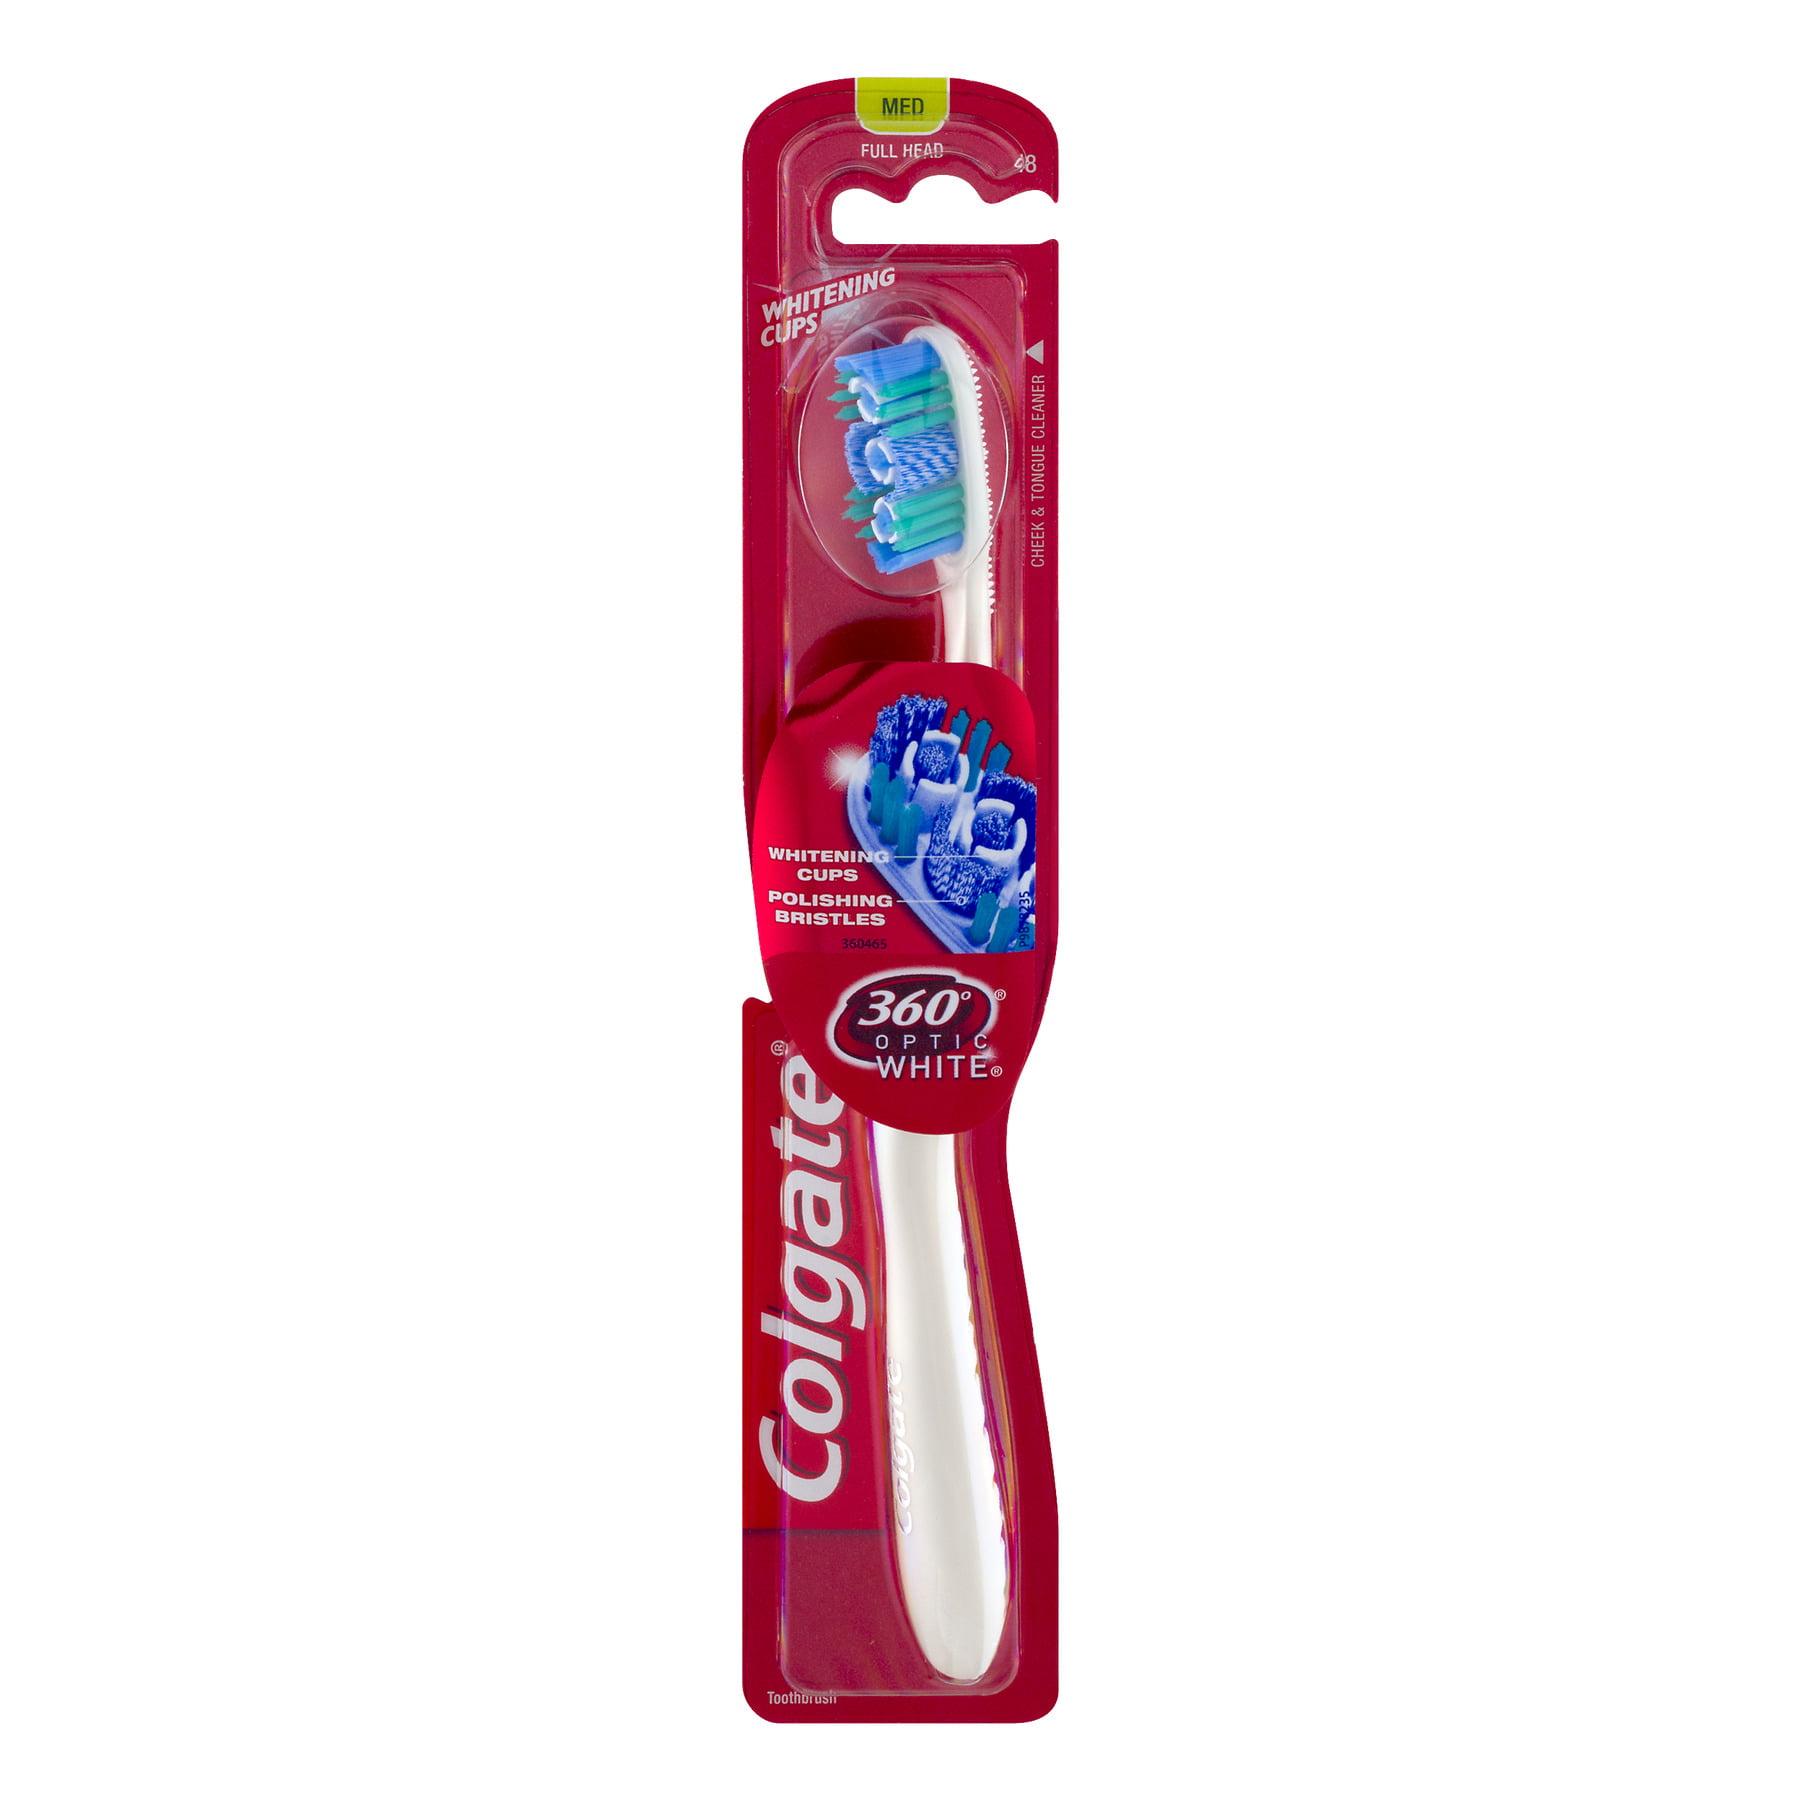 Colgate 360 Optic White Whitening Toothbrush, Medium